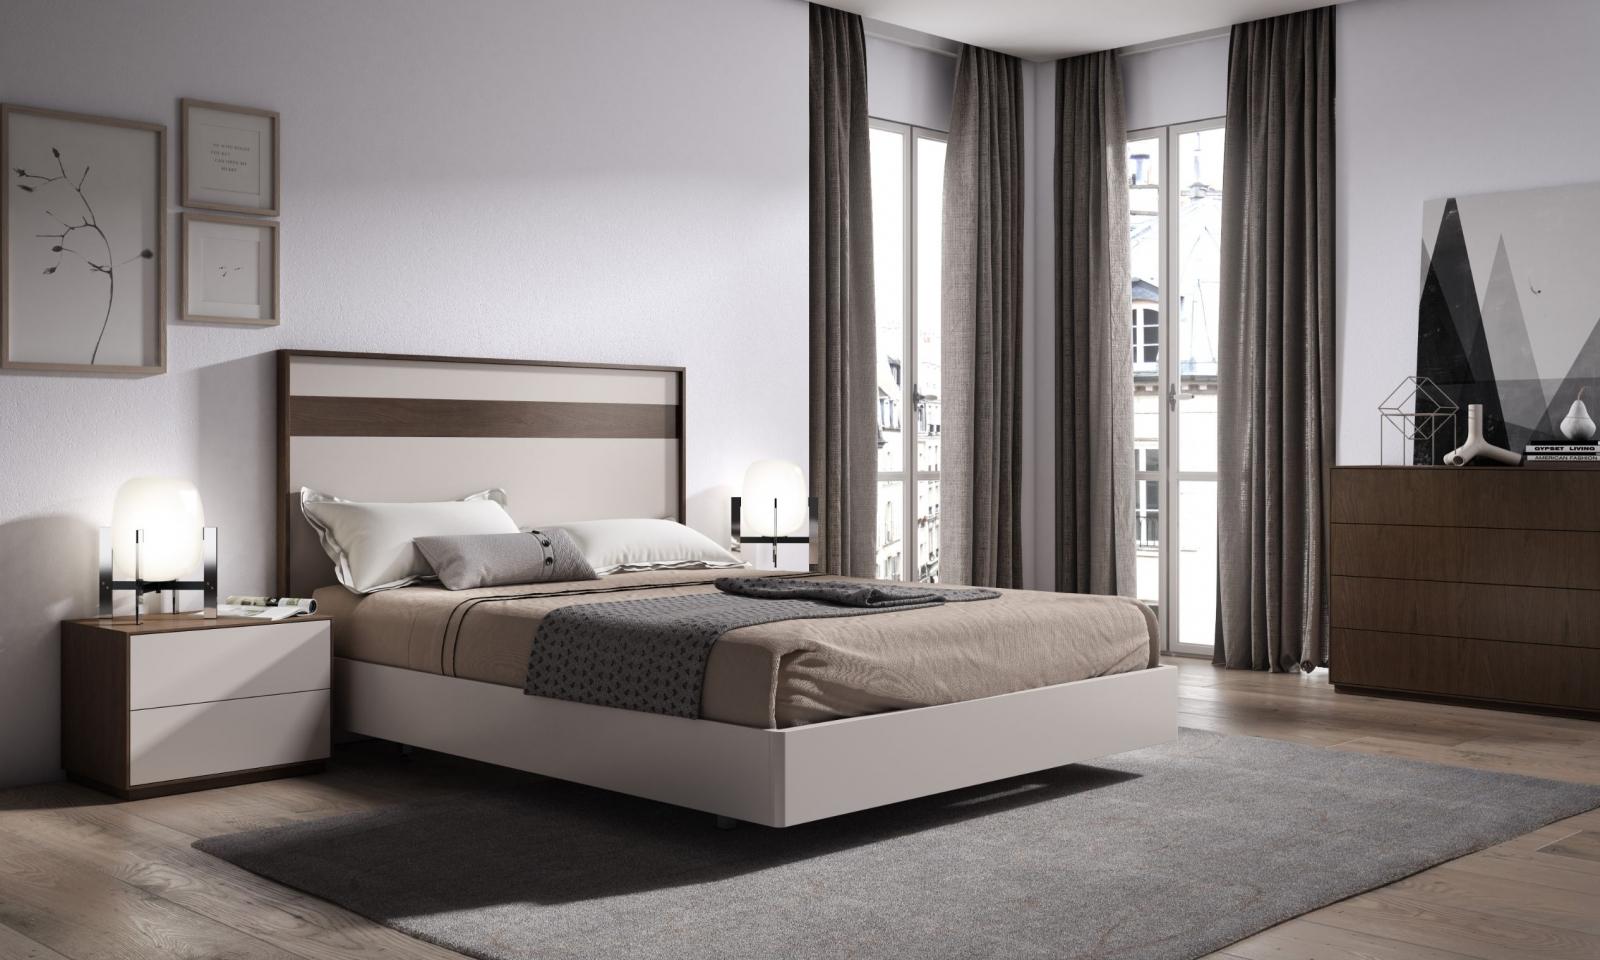 Conjunto de Dormitorio FINE-6